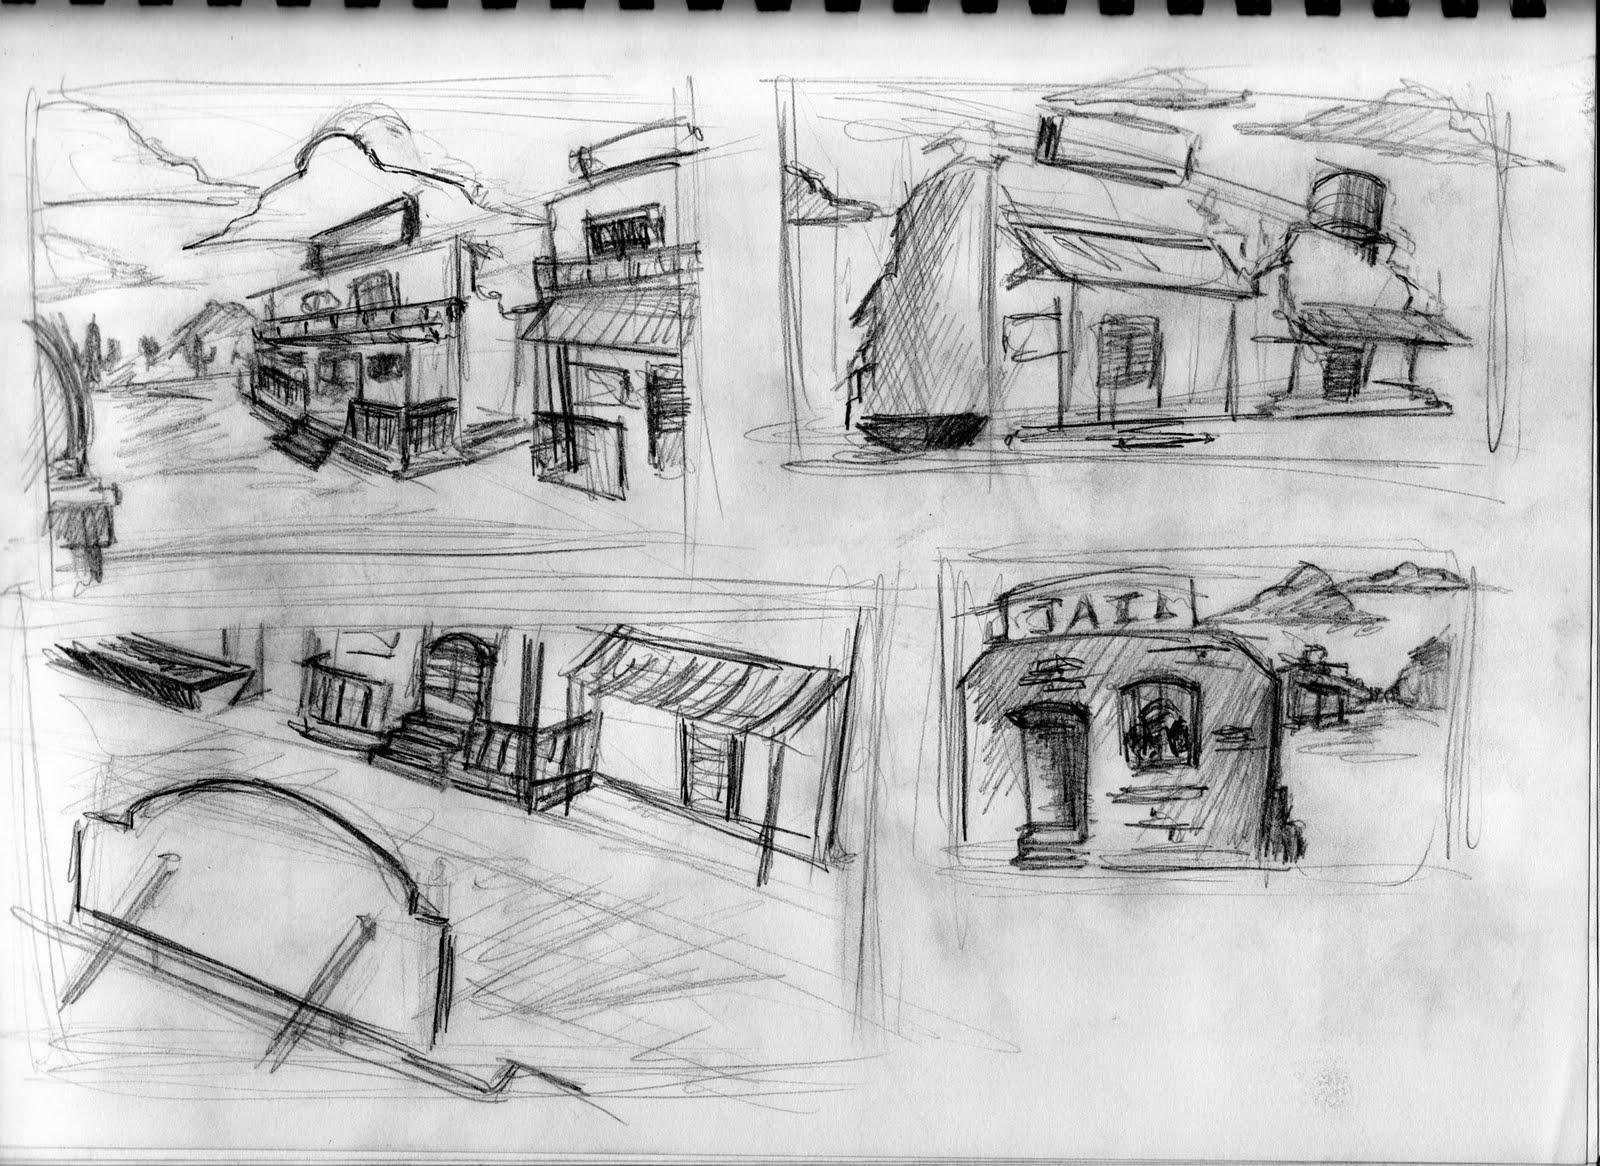 Old Western Town Drawing Western drawings - viewingOld Western Town Drawing